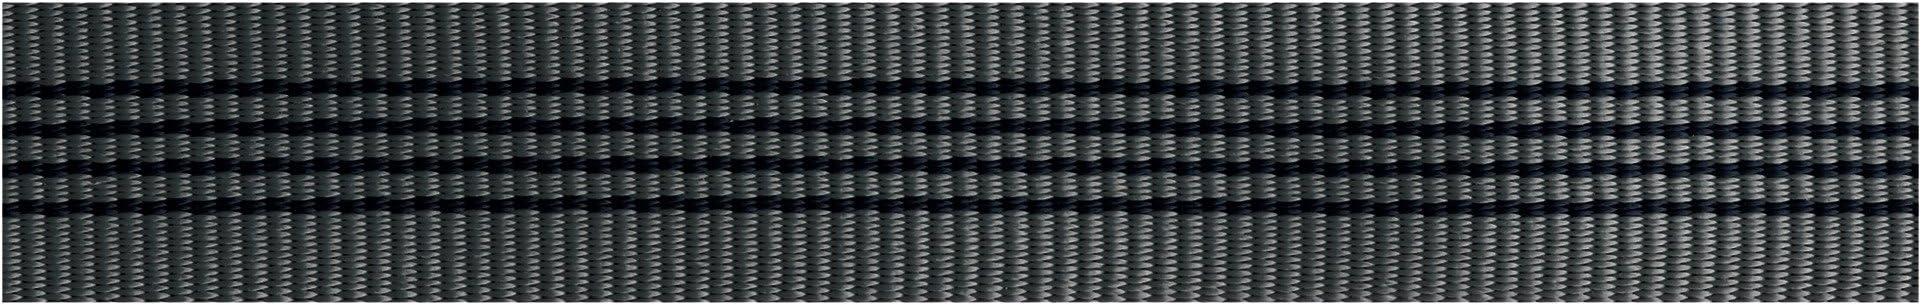 Mammut - Cinta tubular (26 mm) gris Talla:each 1 m: Amazon.es ...